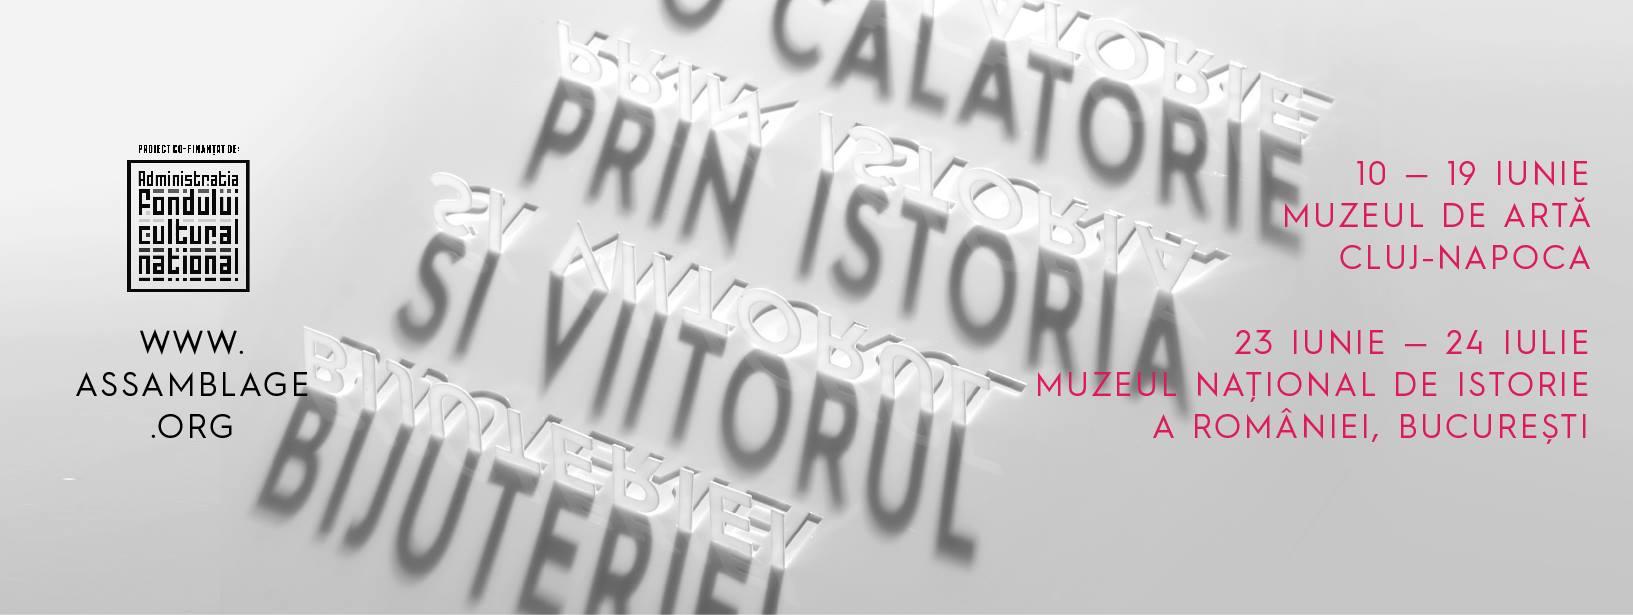 """Vernisaj """"O călătorie prin istoria și viitorul bijuteriei"""" @ Muzeul Național de Istorie"""